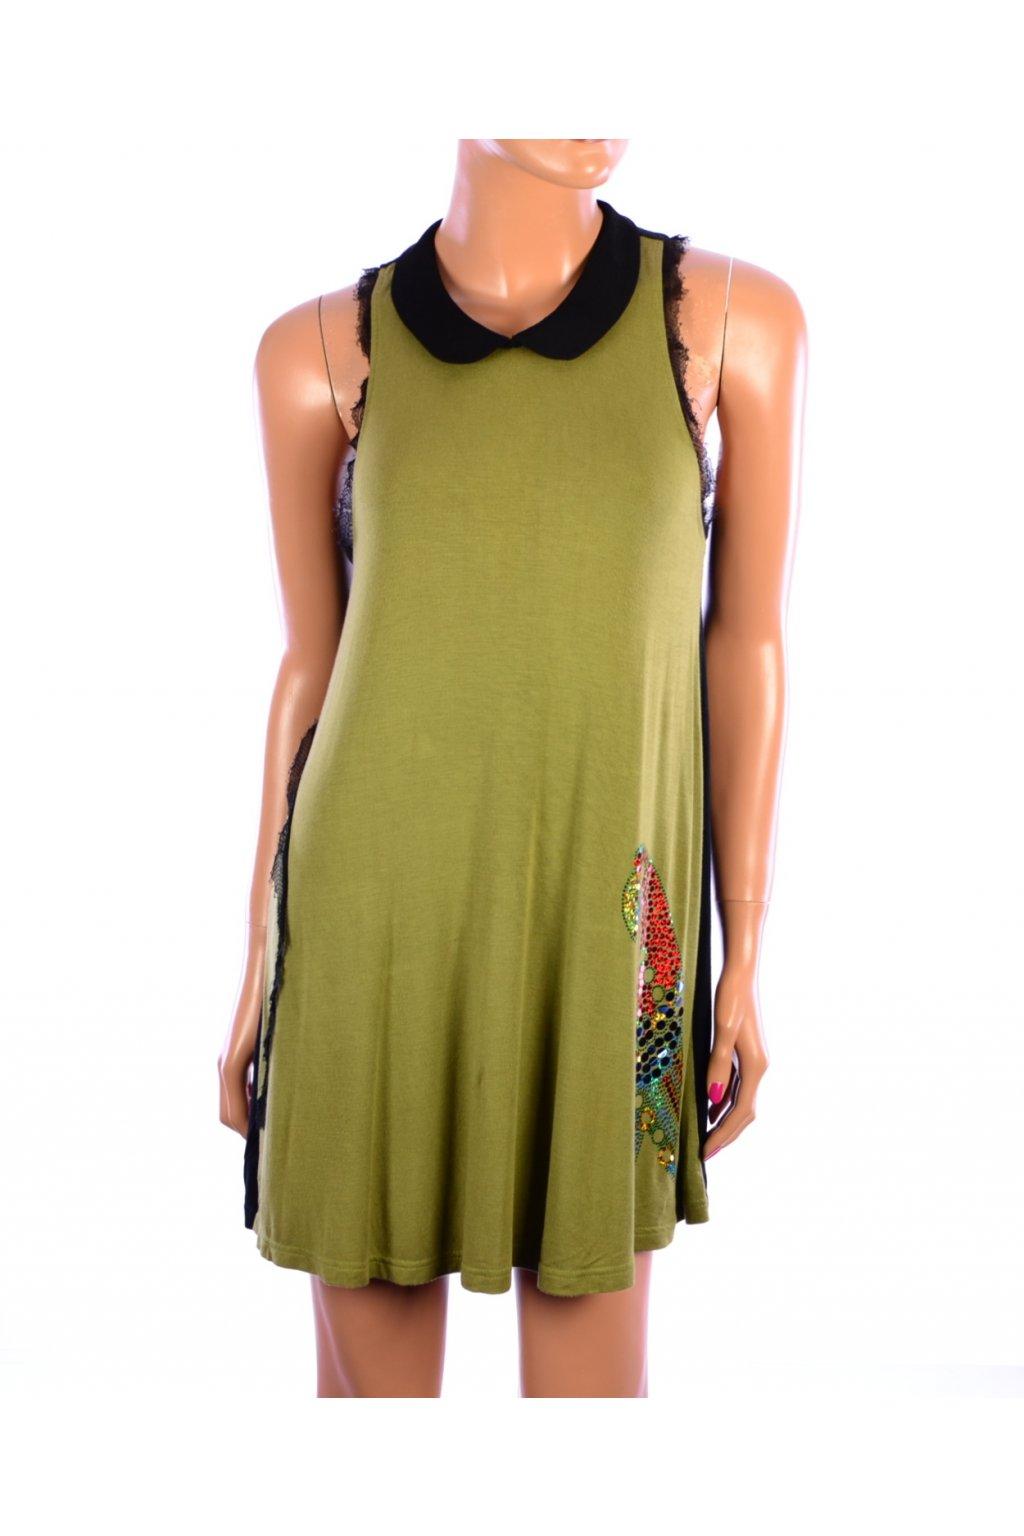 Šaty Manimma zelené s papouškem vel. S @